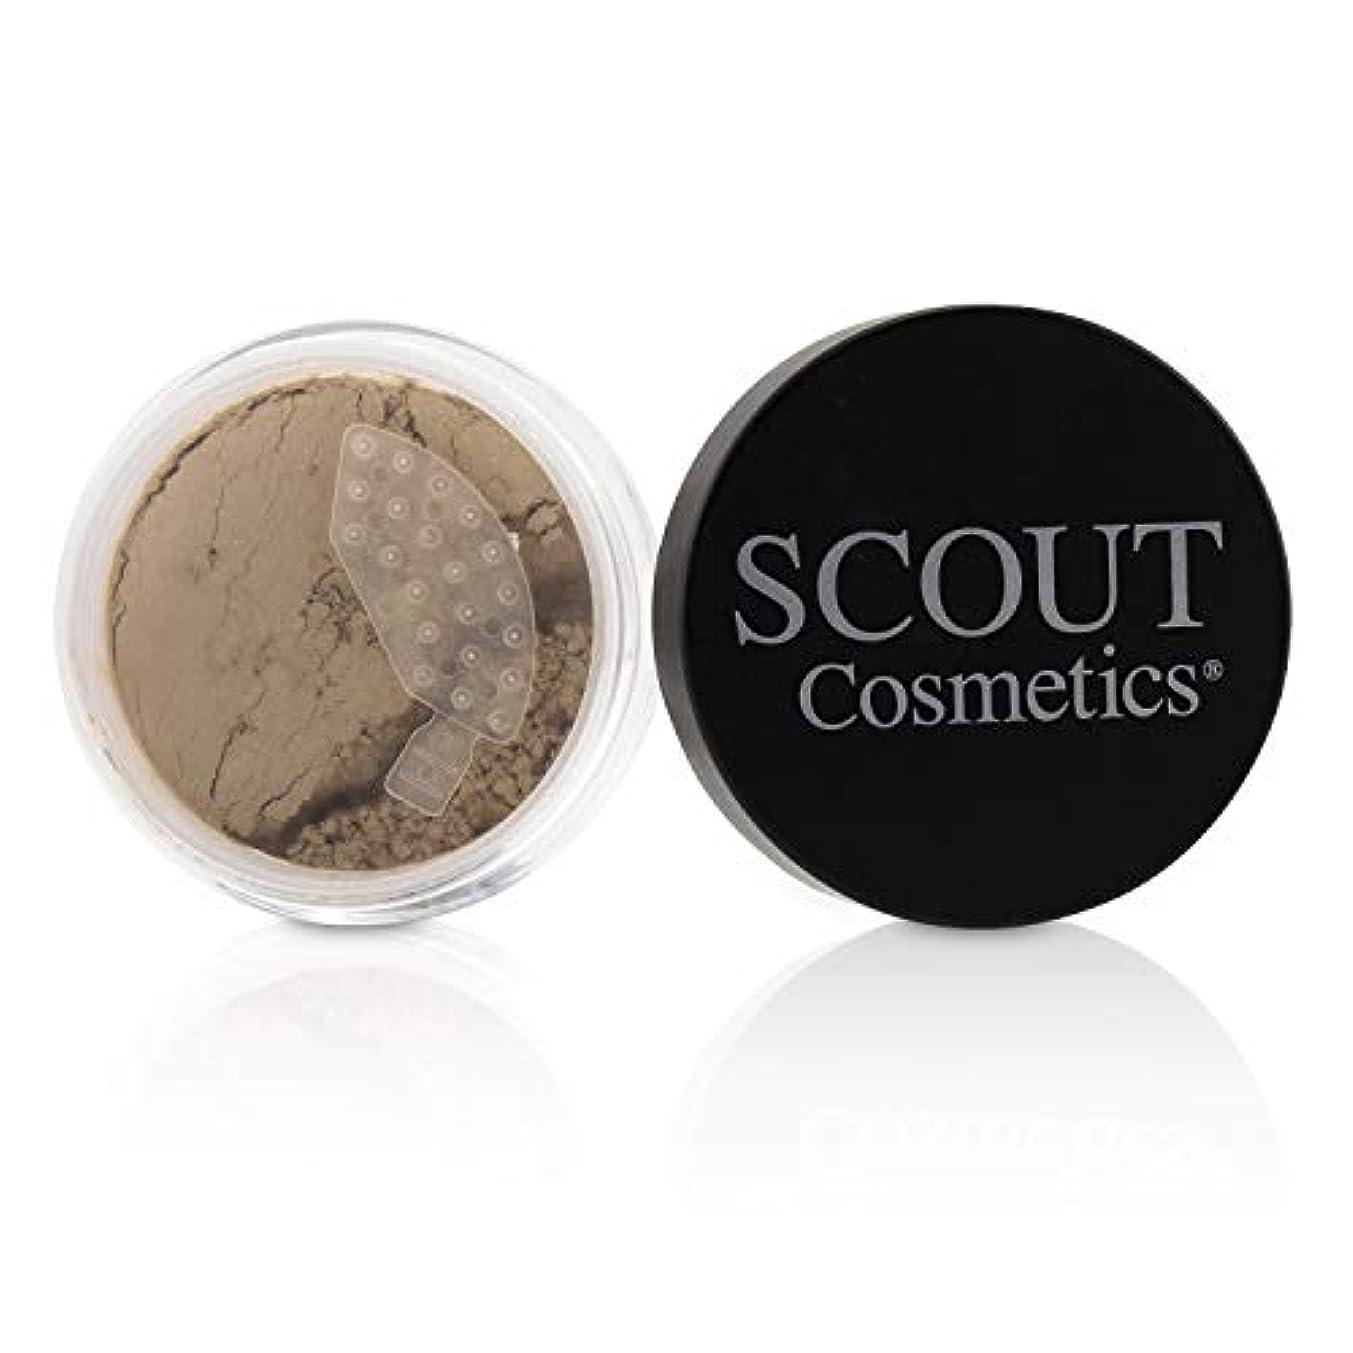 酸化物手首道SCOUT Cosmetics Mineral Powder Foundation SPF 20 - # Porcelain 8g/0.28oz並行輸入品